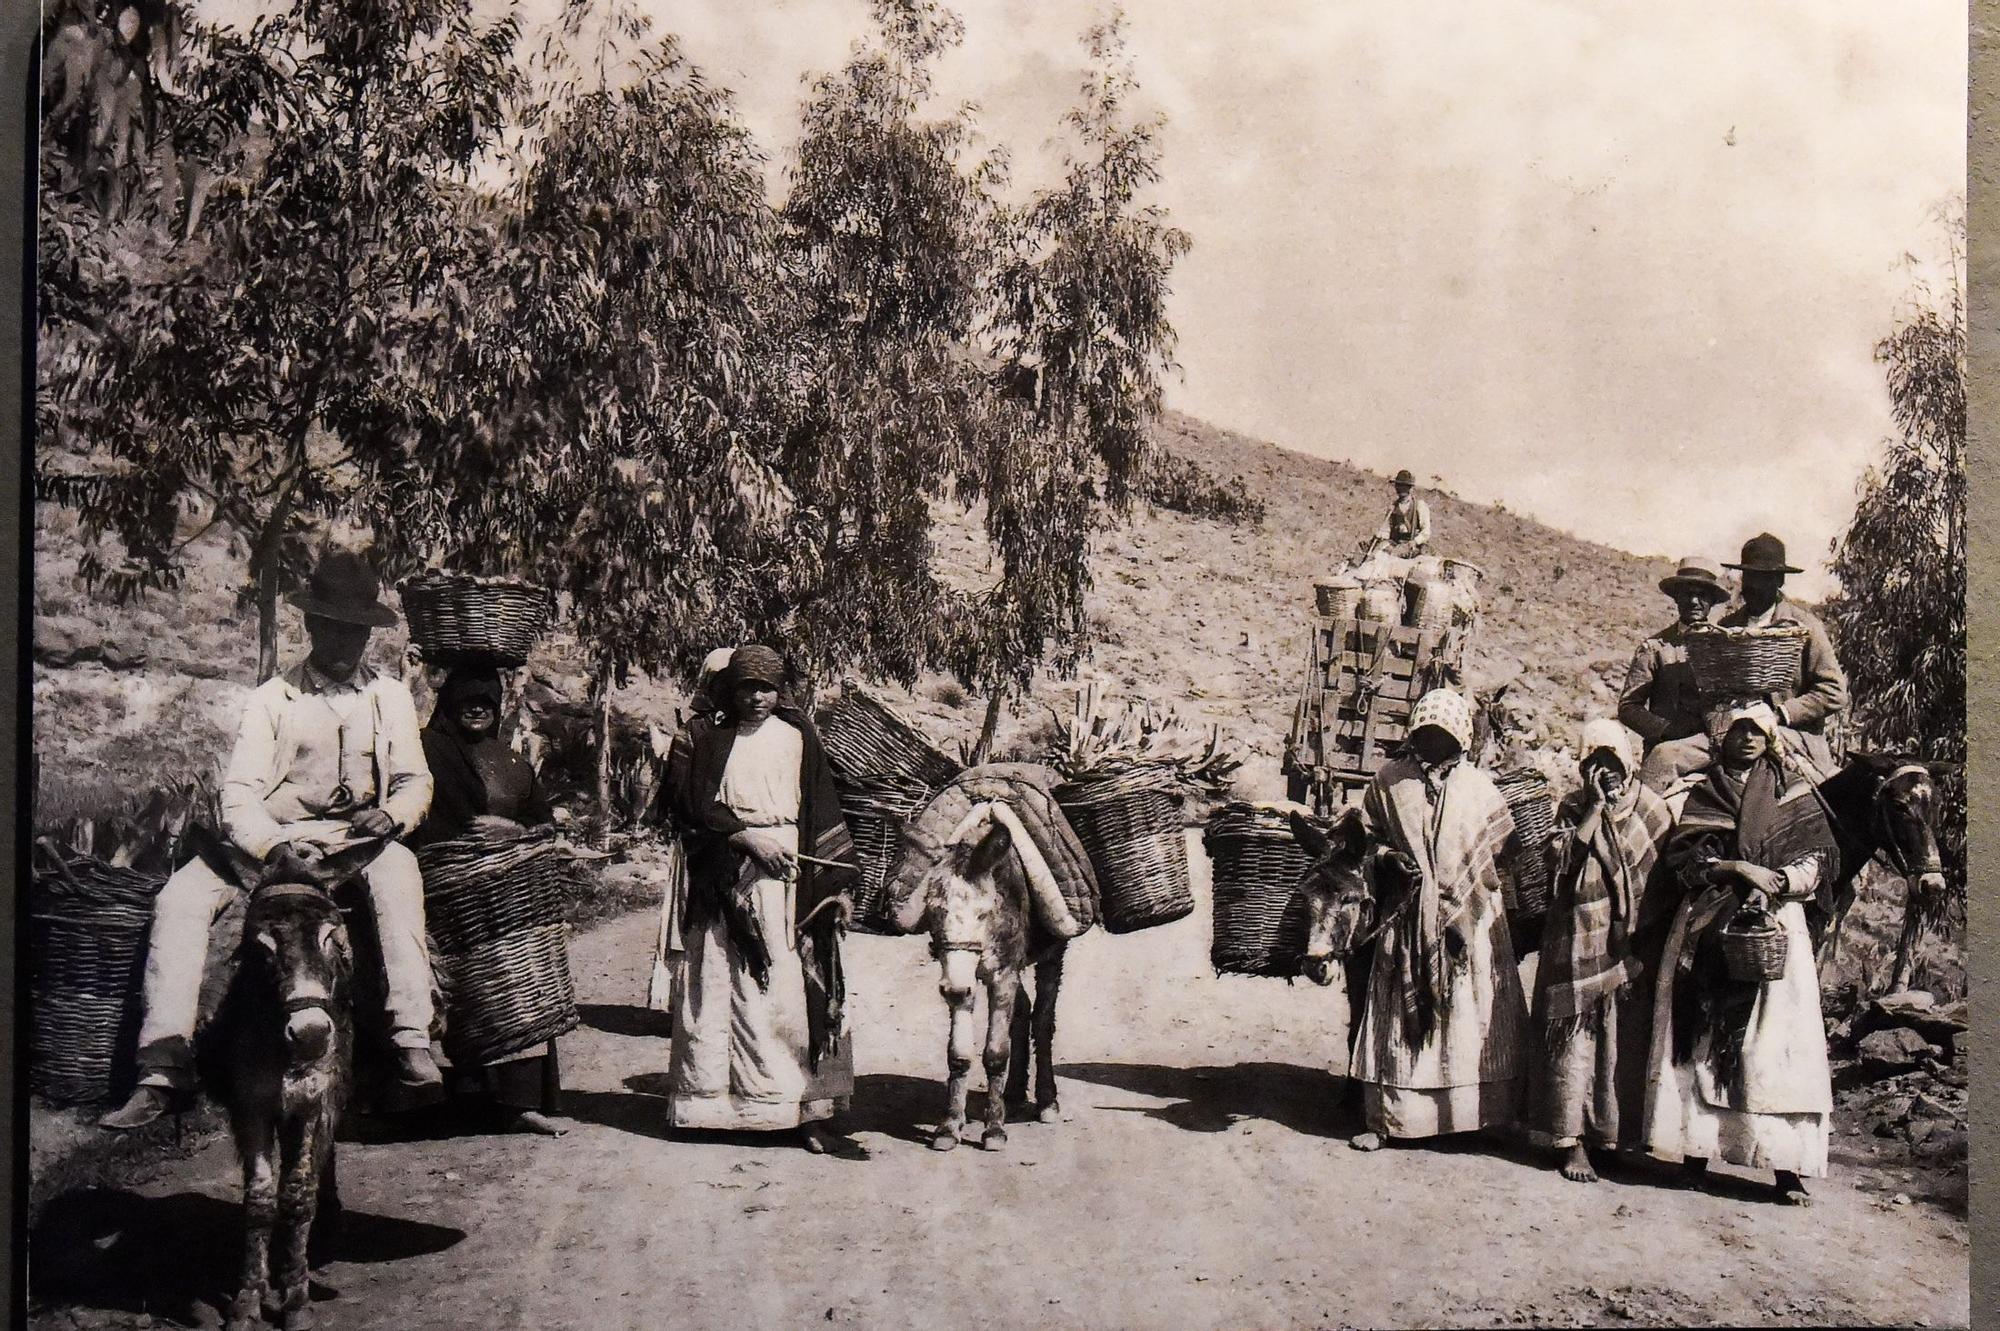 Exposición fotografía antigua colonial y poscolonial de todos los archipiélagos de la Macaronesia y otros territorios del Atlántico en la Casa Colón